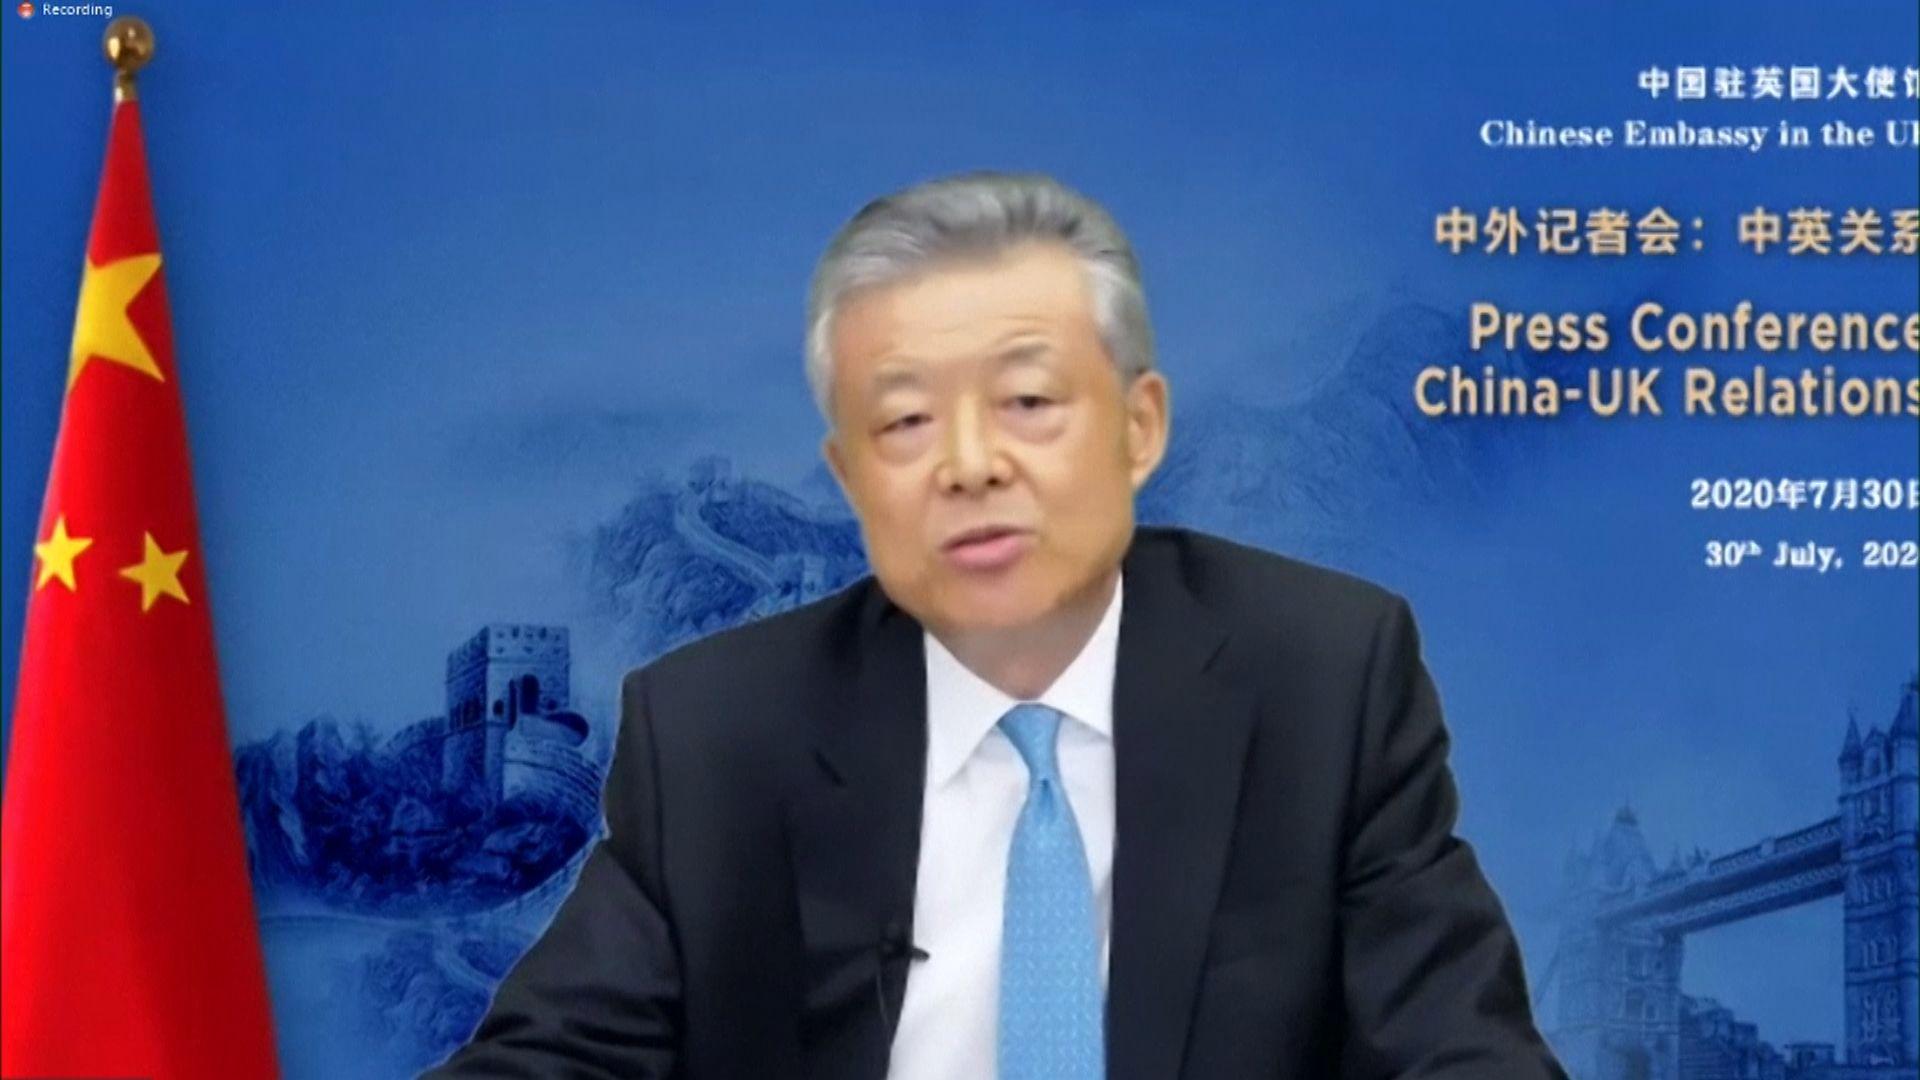 中國駐英大使批英國干預香港事務及中國內政